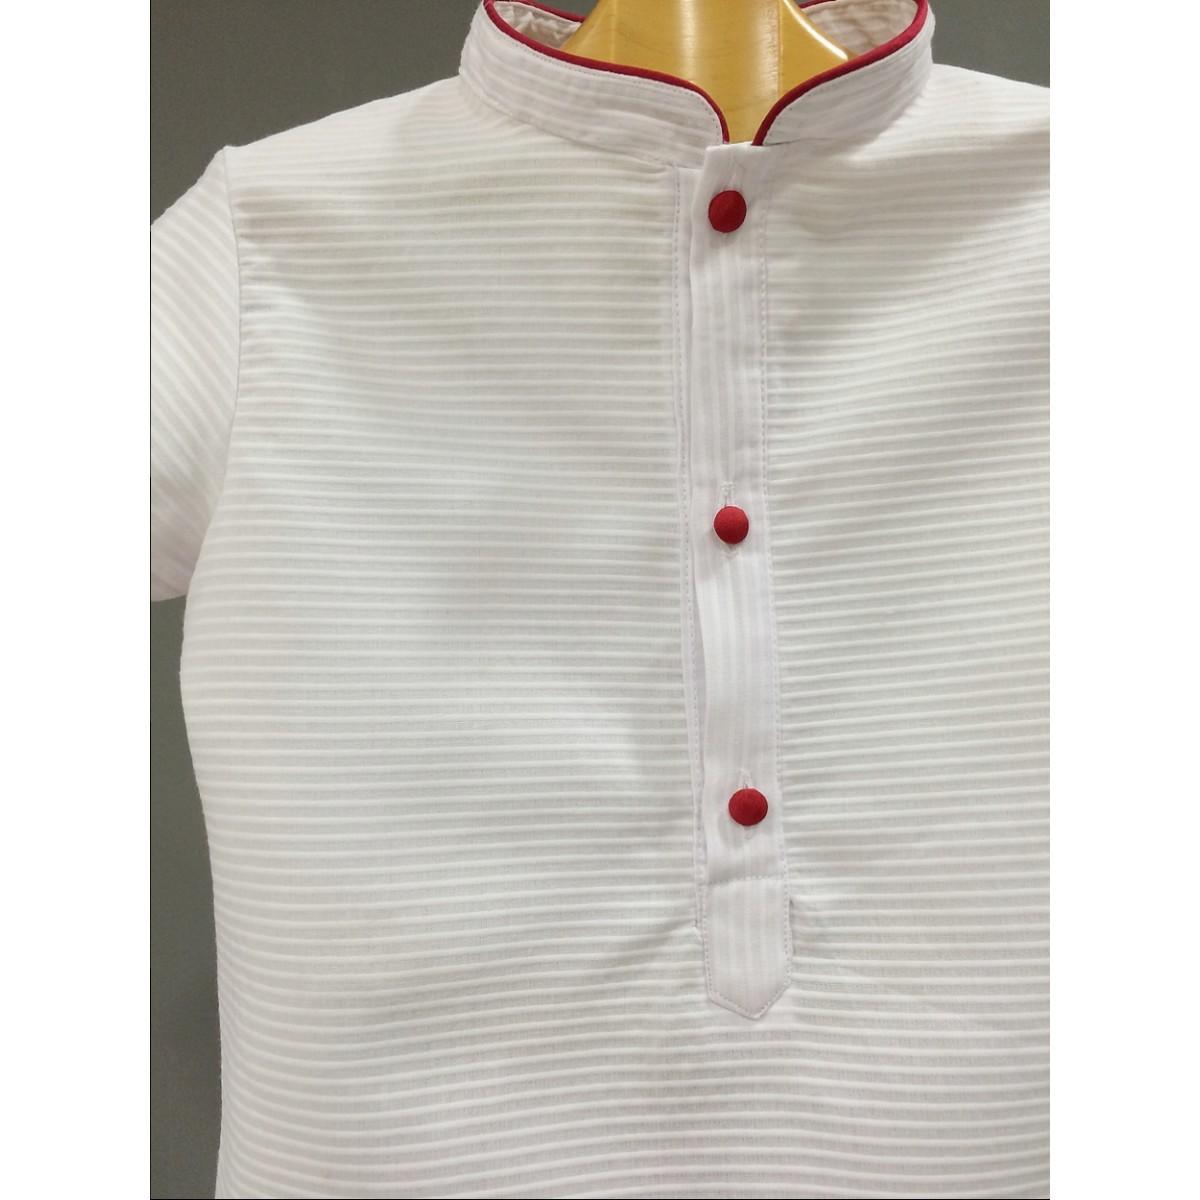 ef76aef7f087 Traje de niño para boda. Camisa blanca pantalón seda